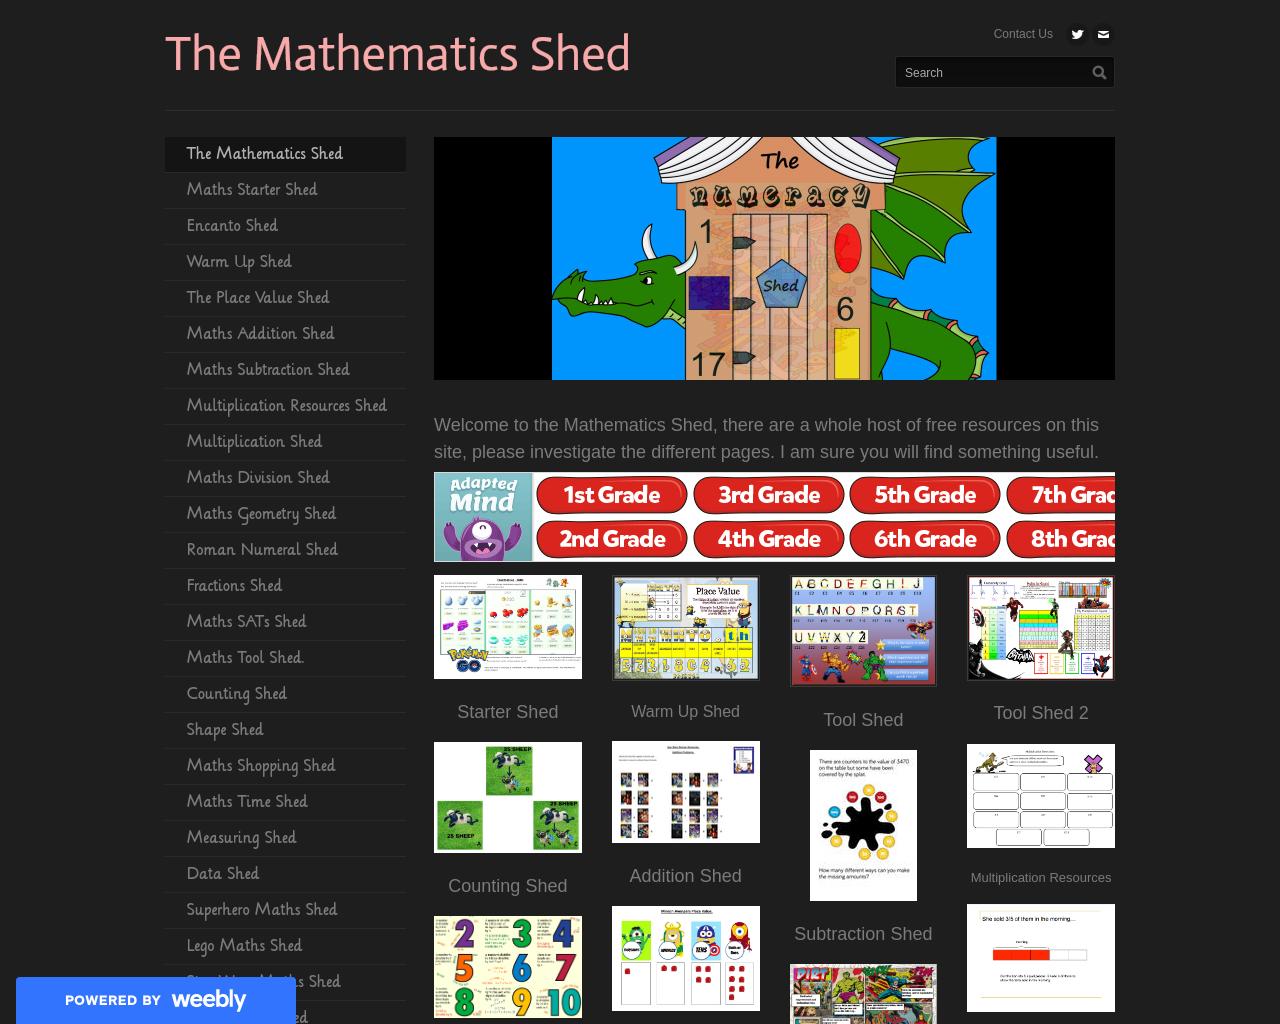 Mathematics Shed